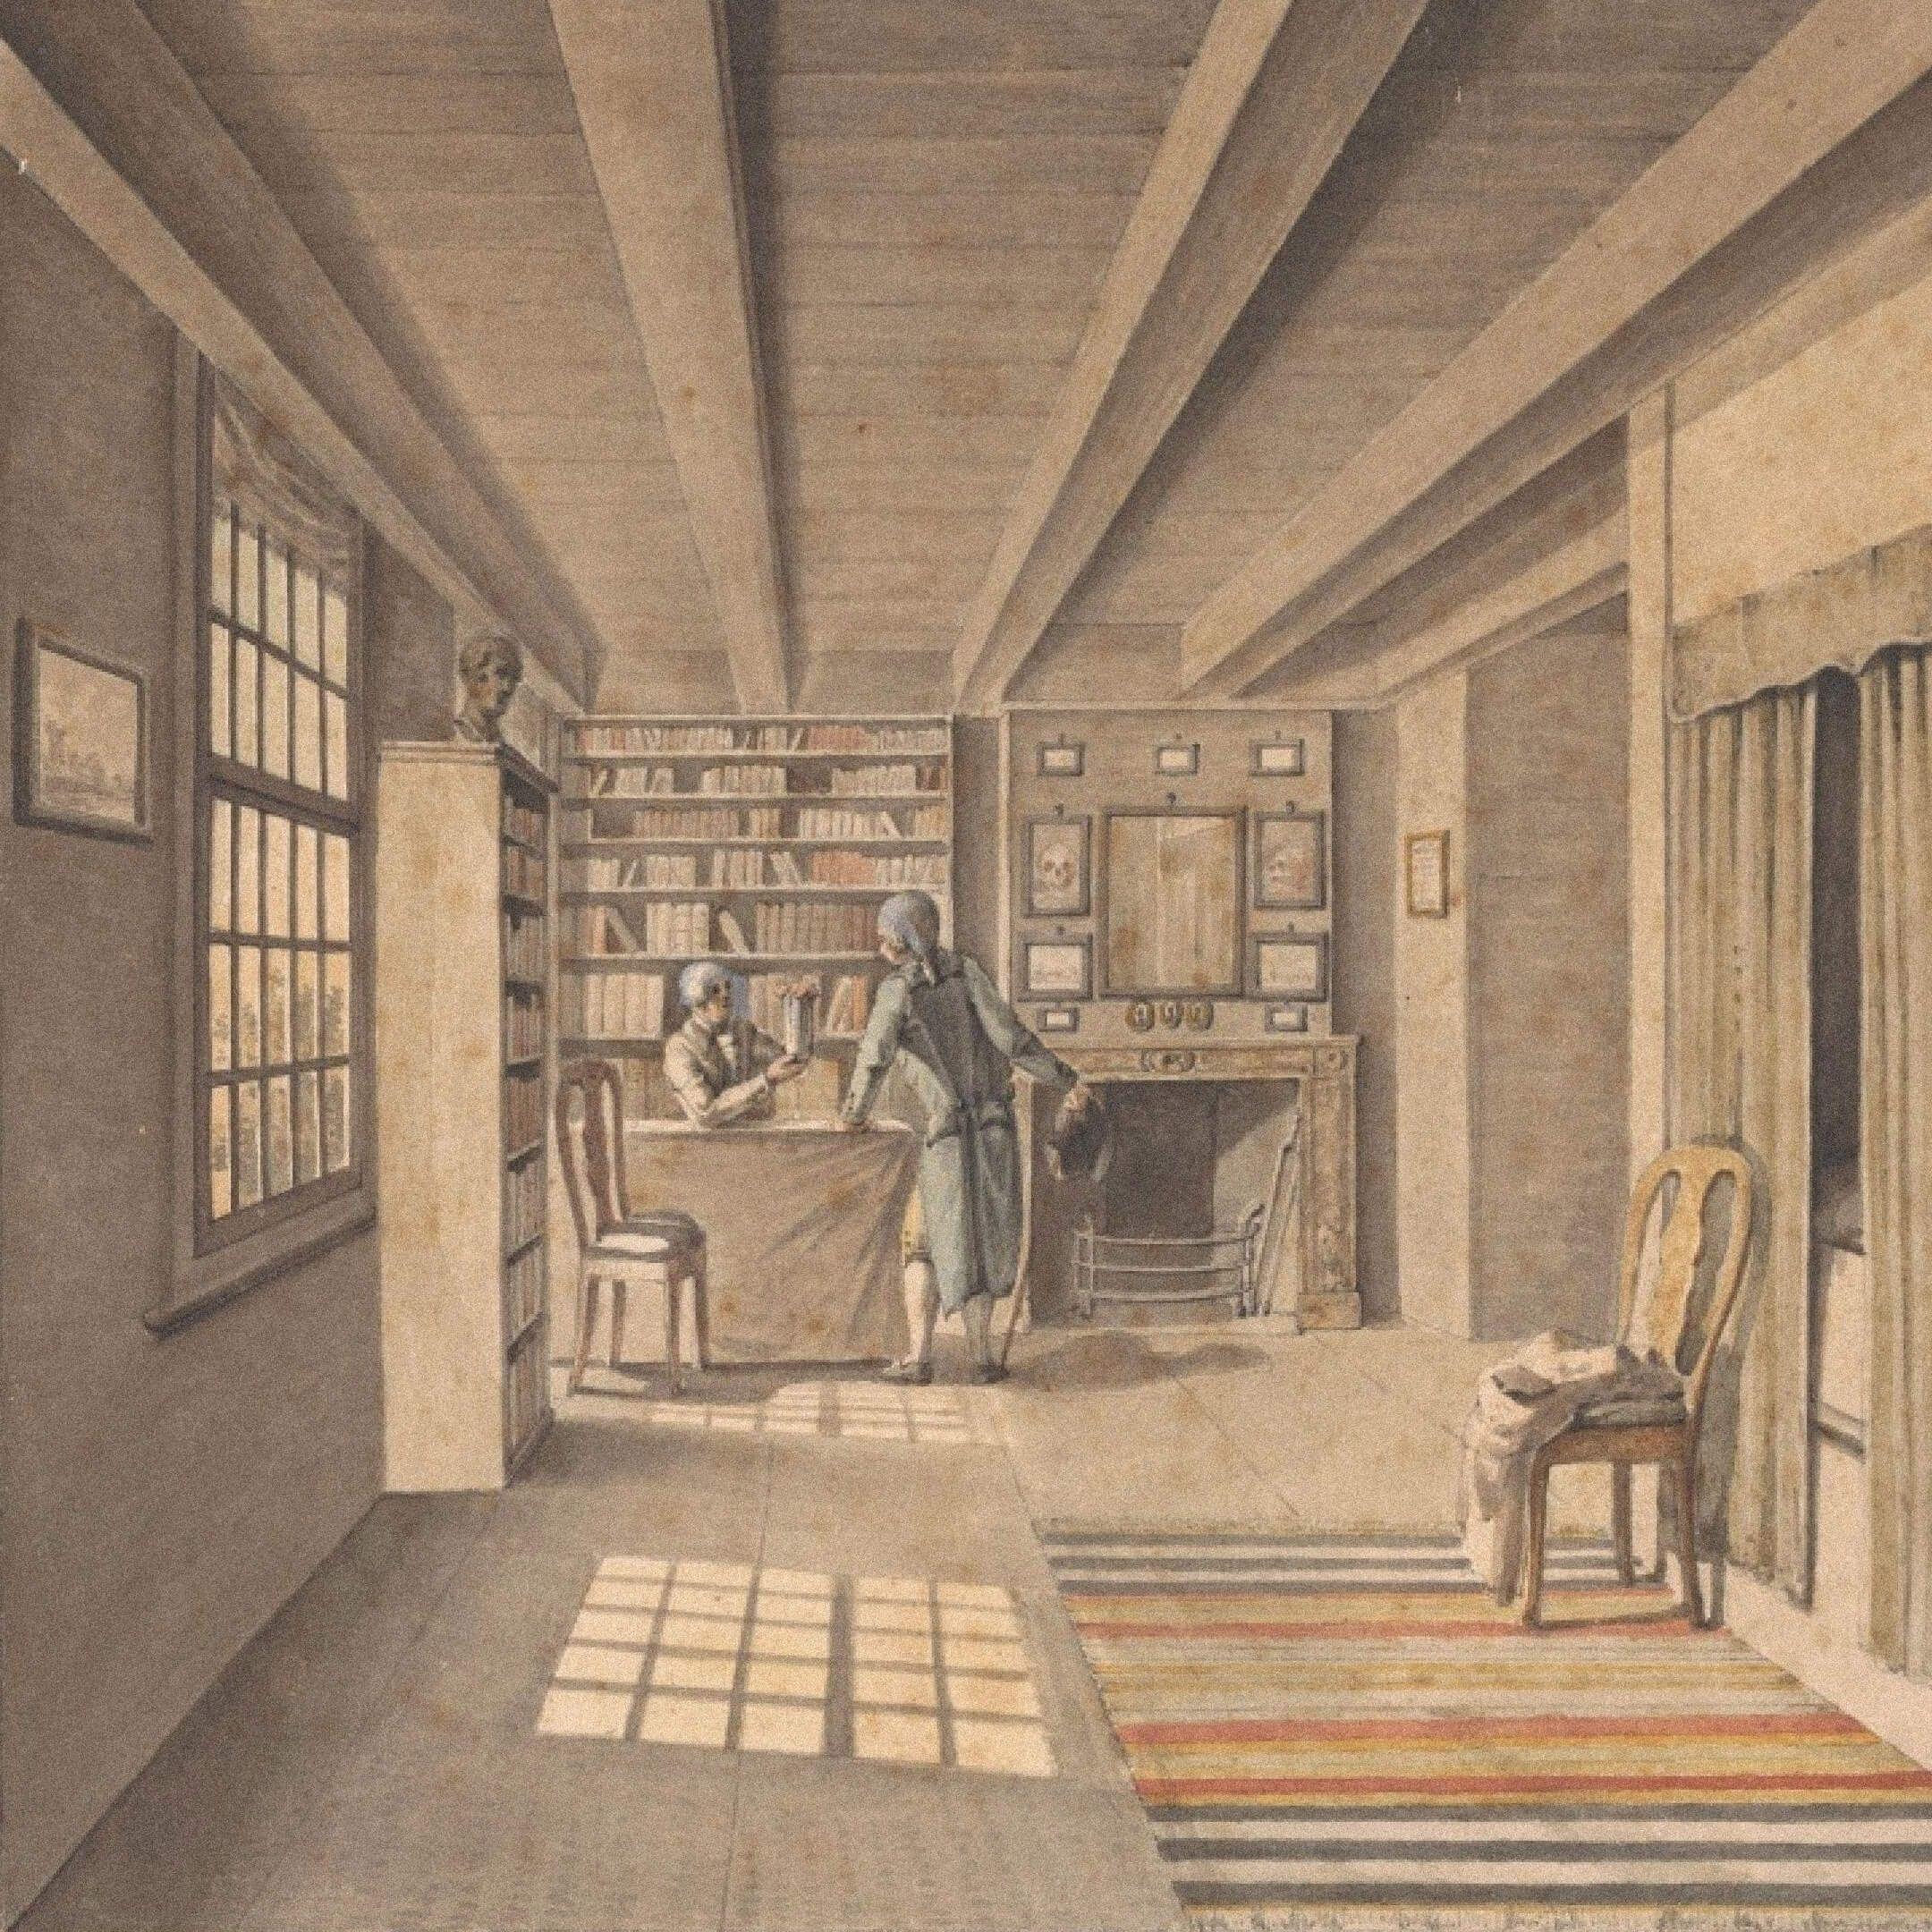 Книготорговец вкнижном магазине. Неизвестный художник. Амстердам, 1850. Источник: etoretro.ru